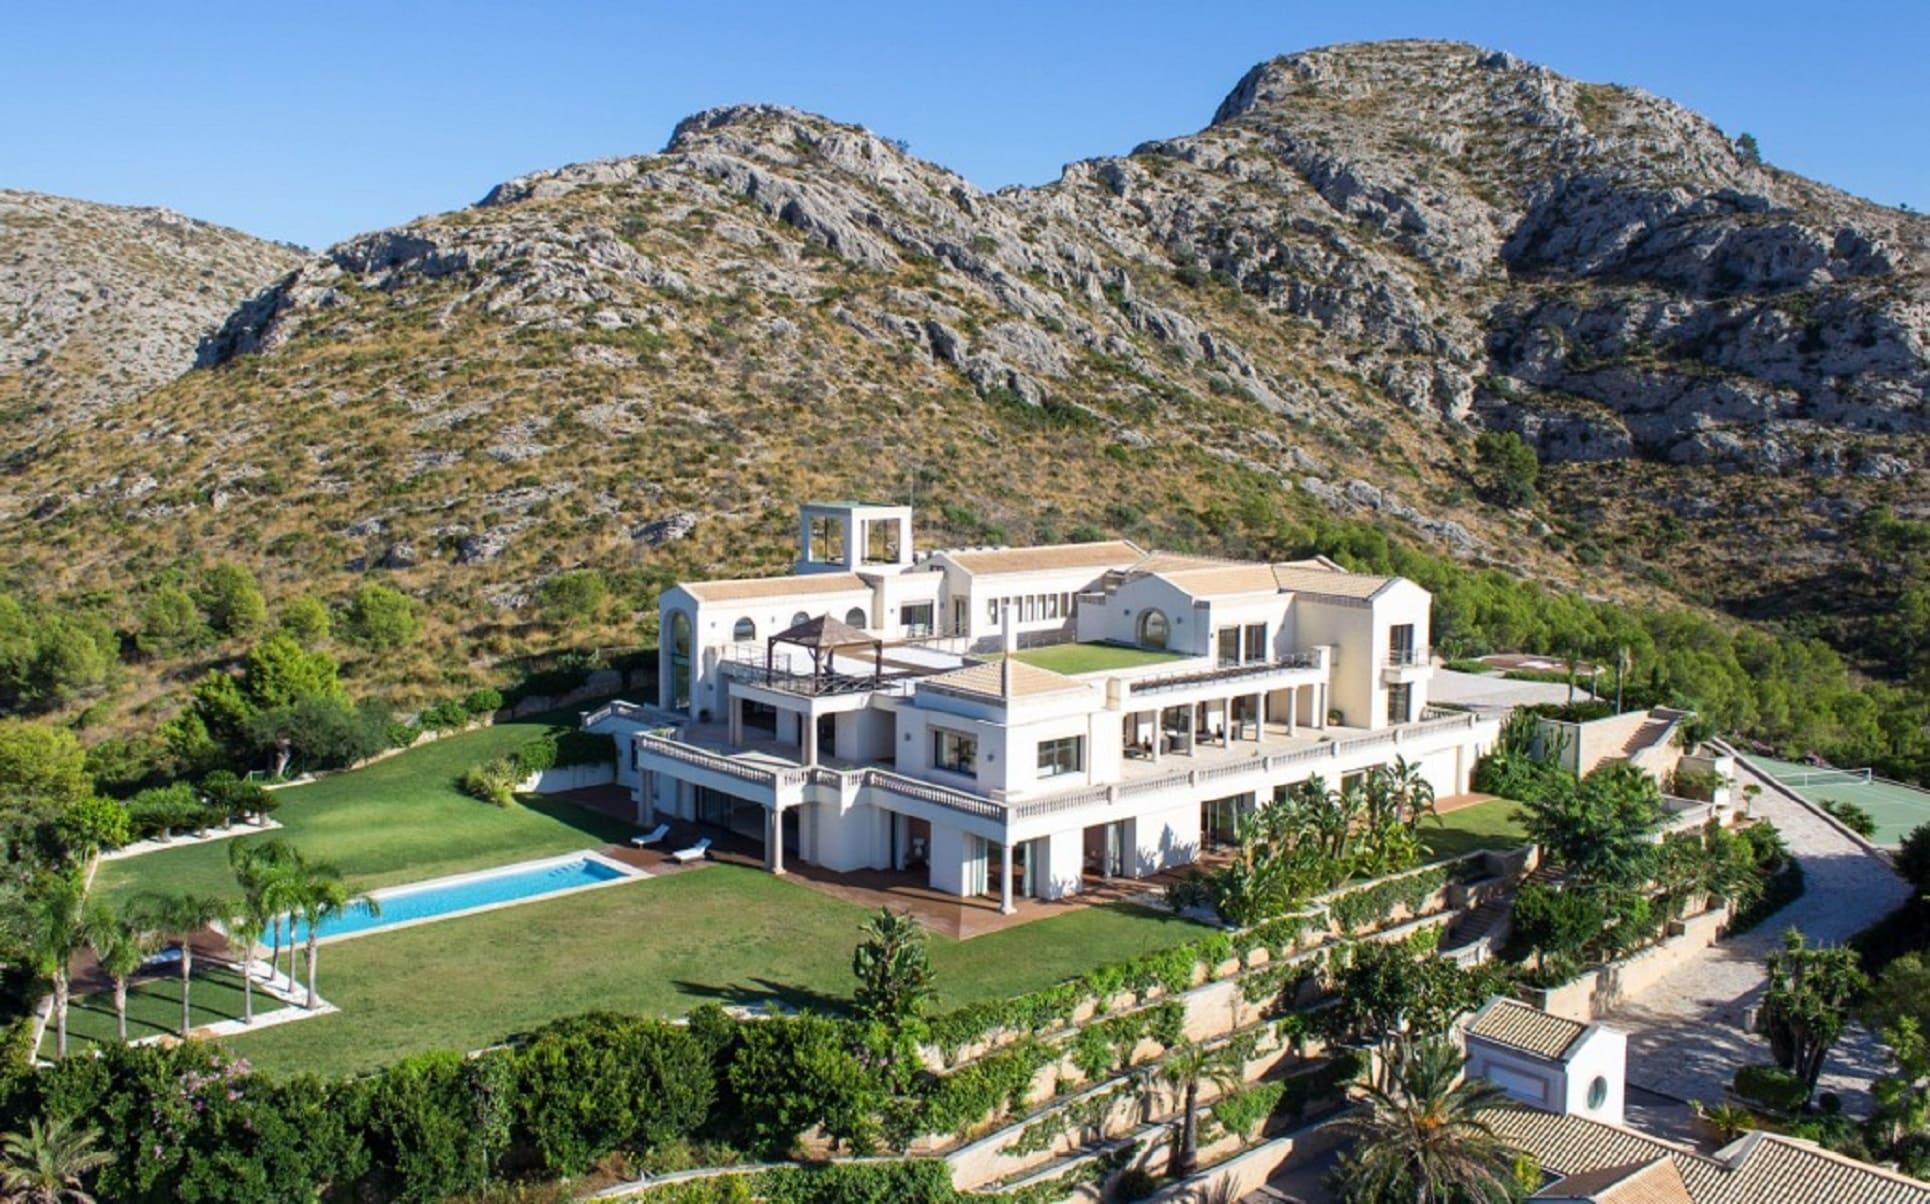 Luxury Villa in Bonaire location for wedding and event Mallorca